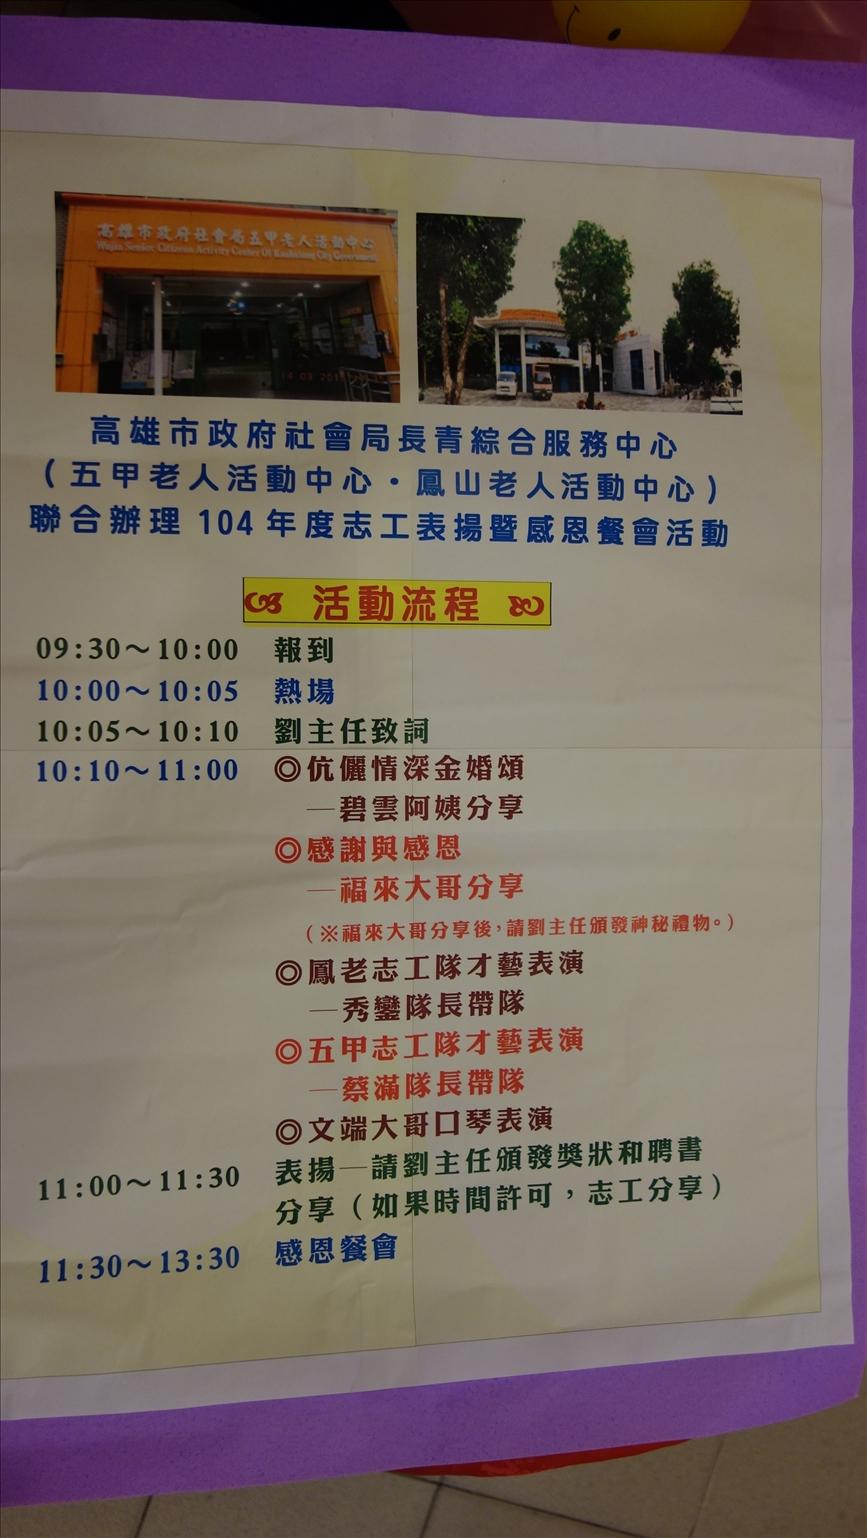 104. 12 .06 (日) 五甲與鳳山老人活動中心 - 志工感恩餐會